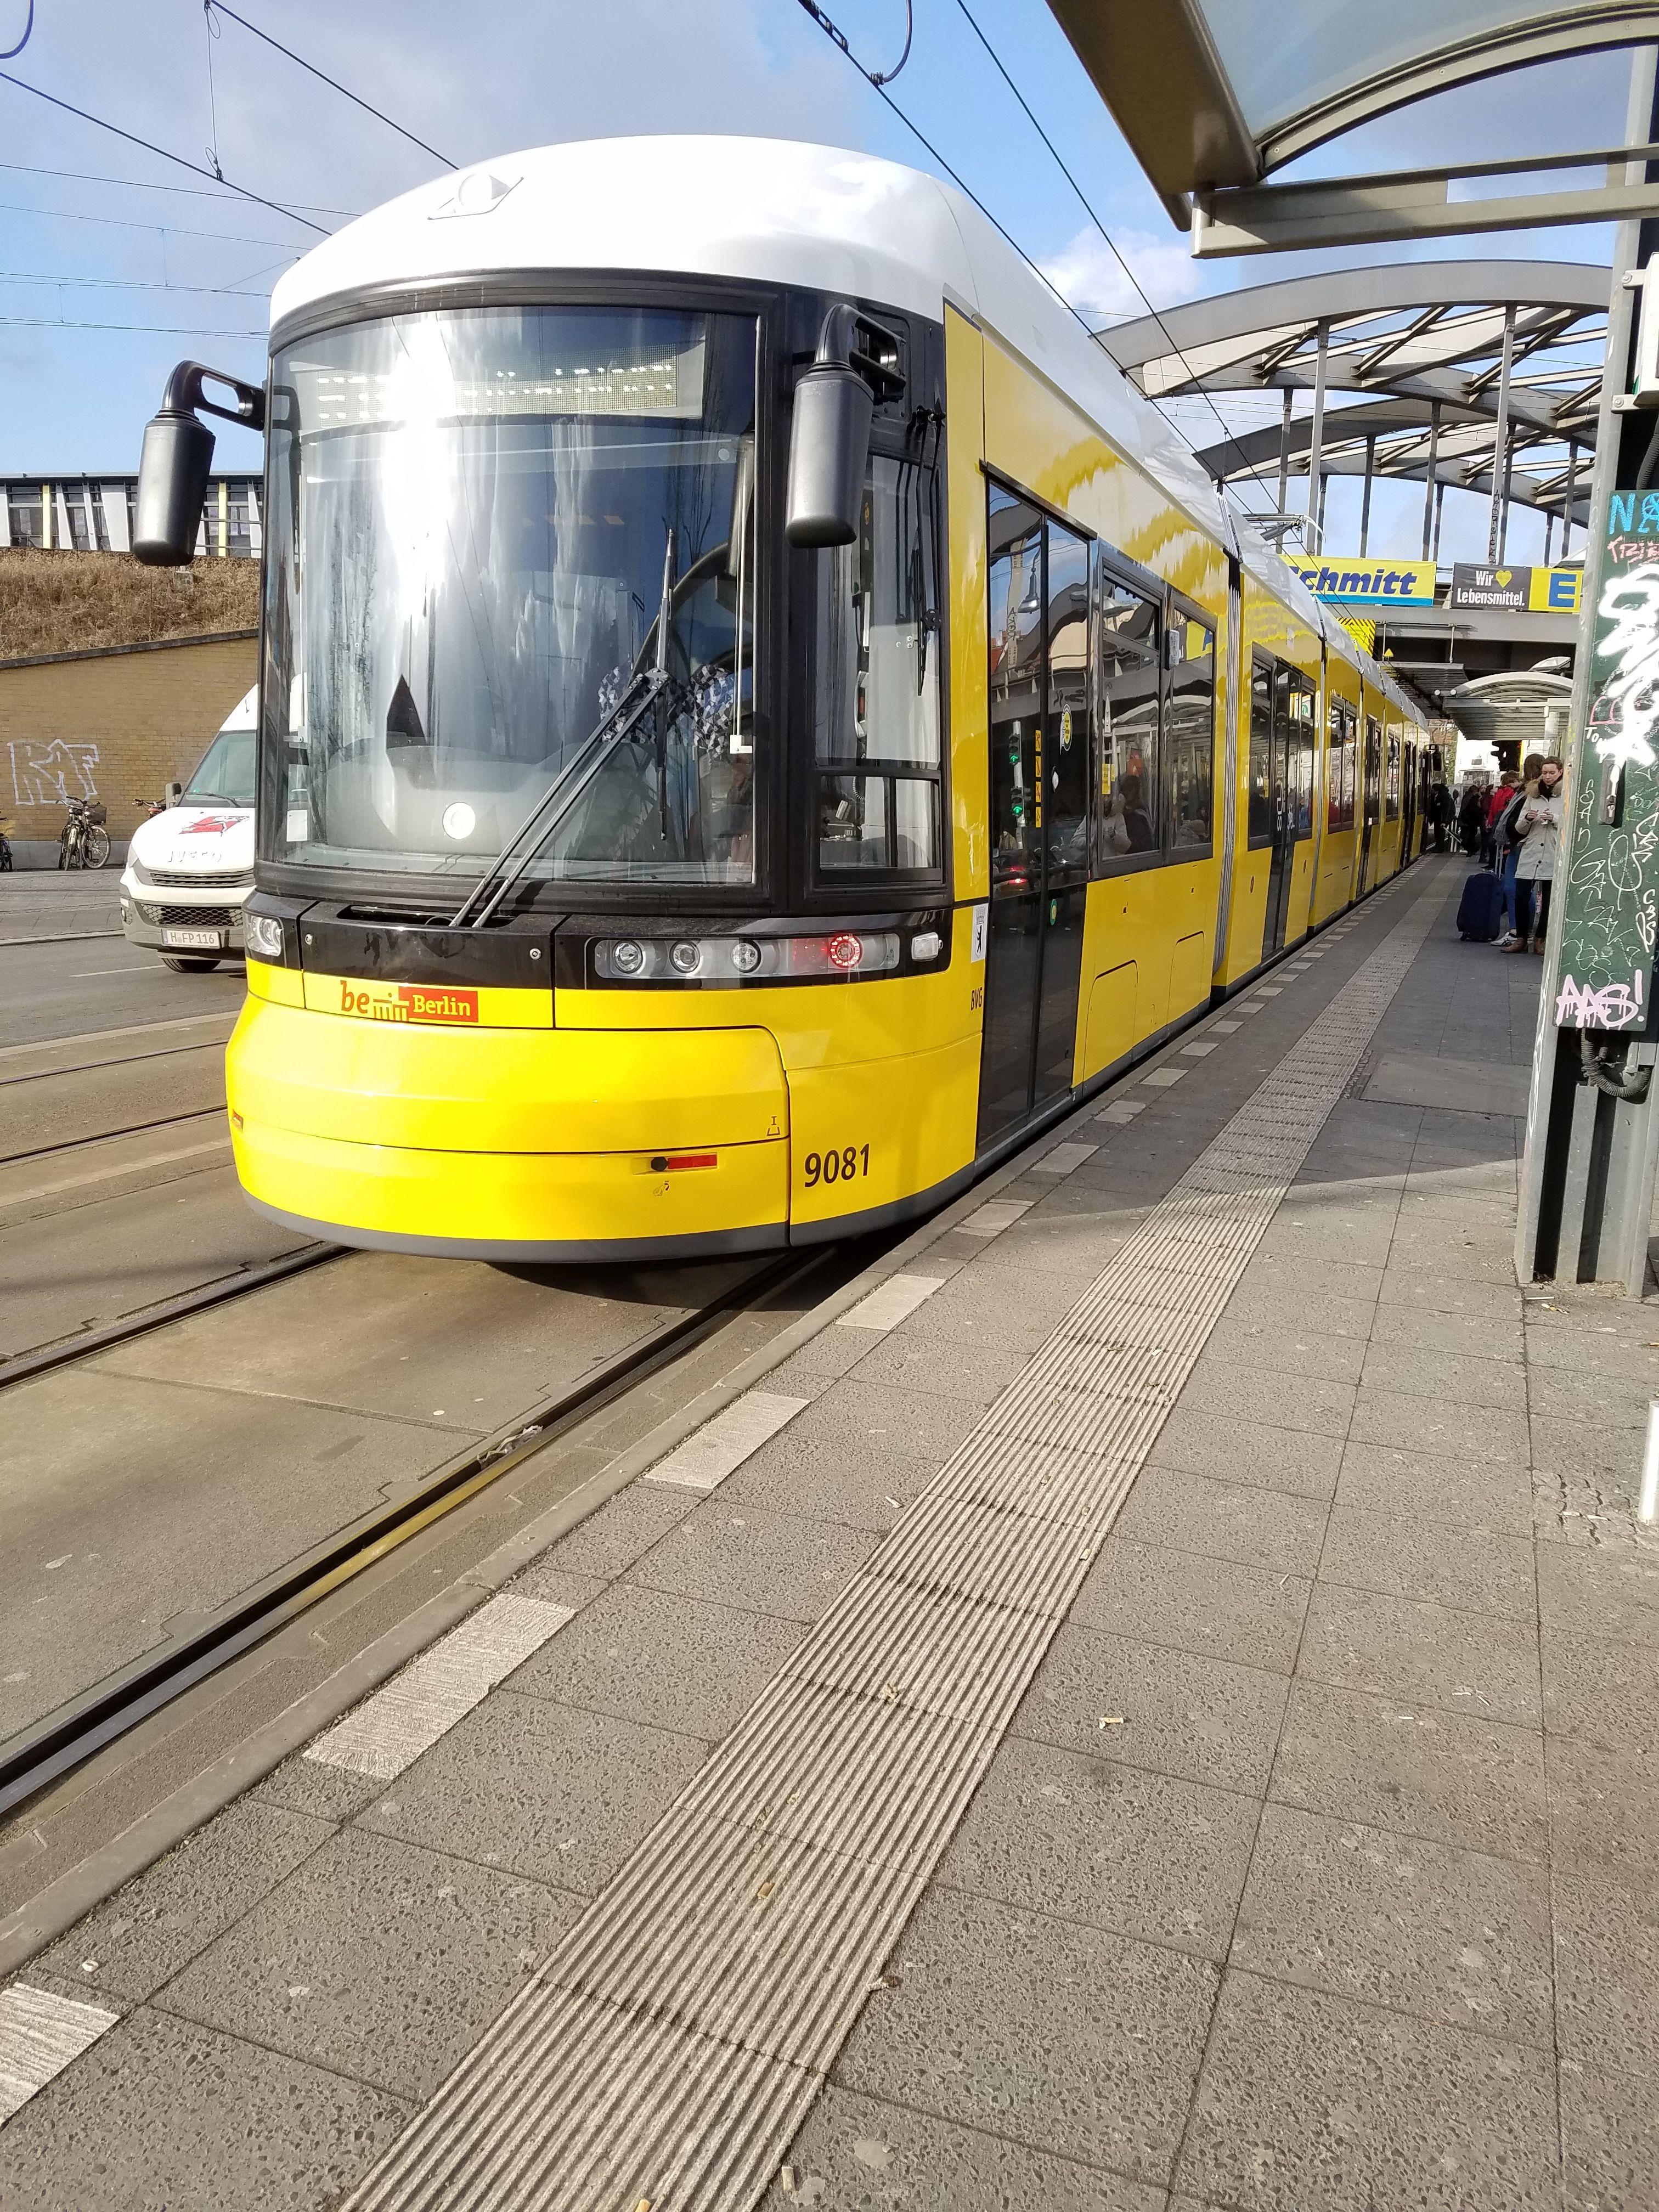 Foto: Straßenbahn 9081, Typ Flexity ZRL, Pankow, Februar2018